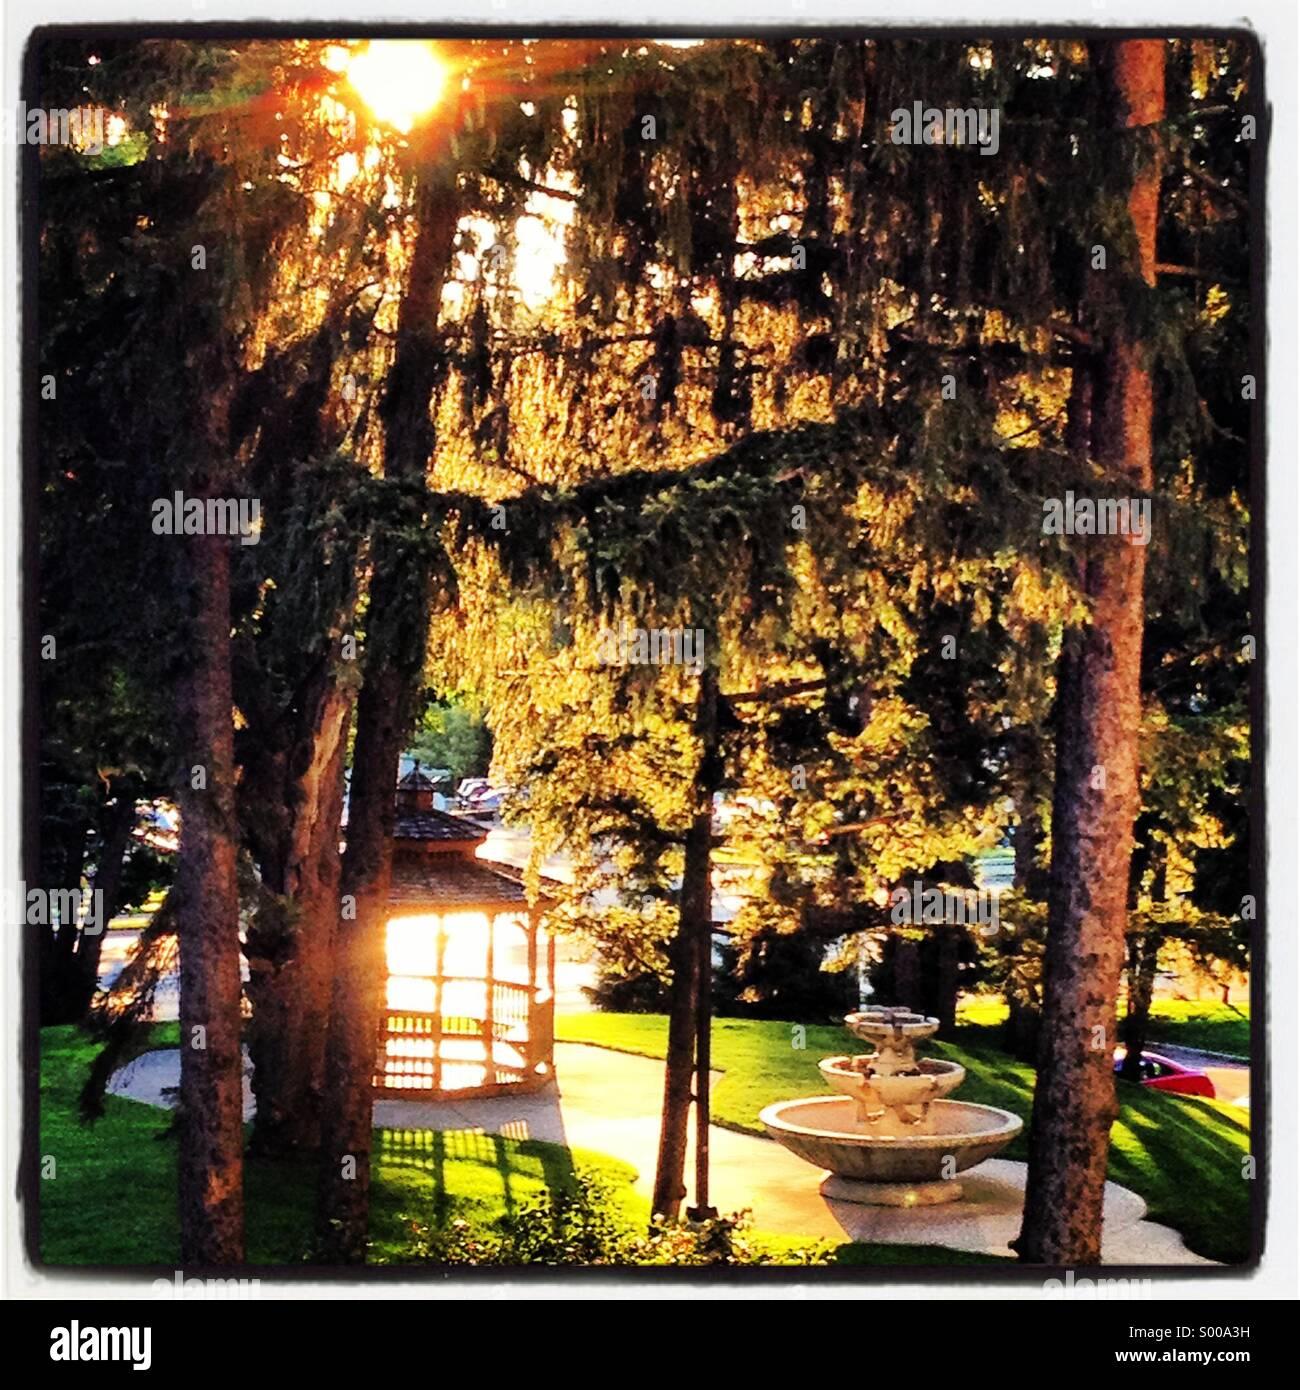 Pavillon und Bäume sind hinterleuchtet von späten Tag Sonne. Stockbild